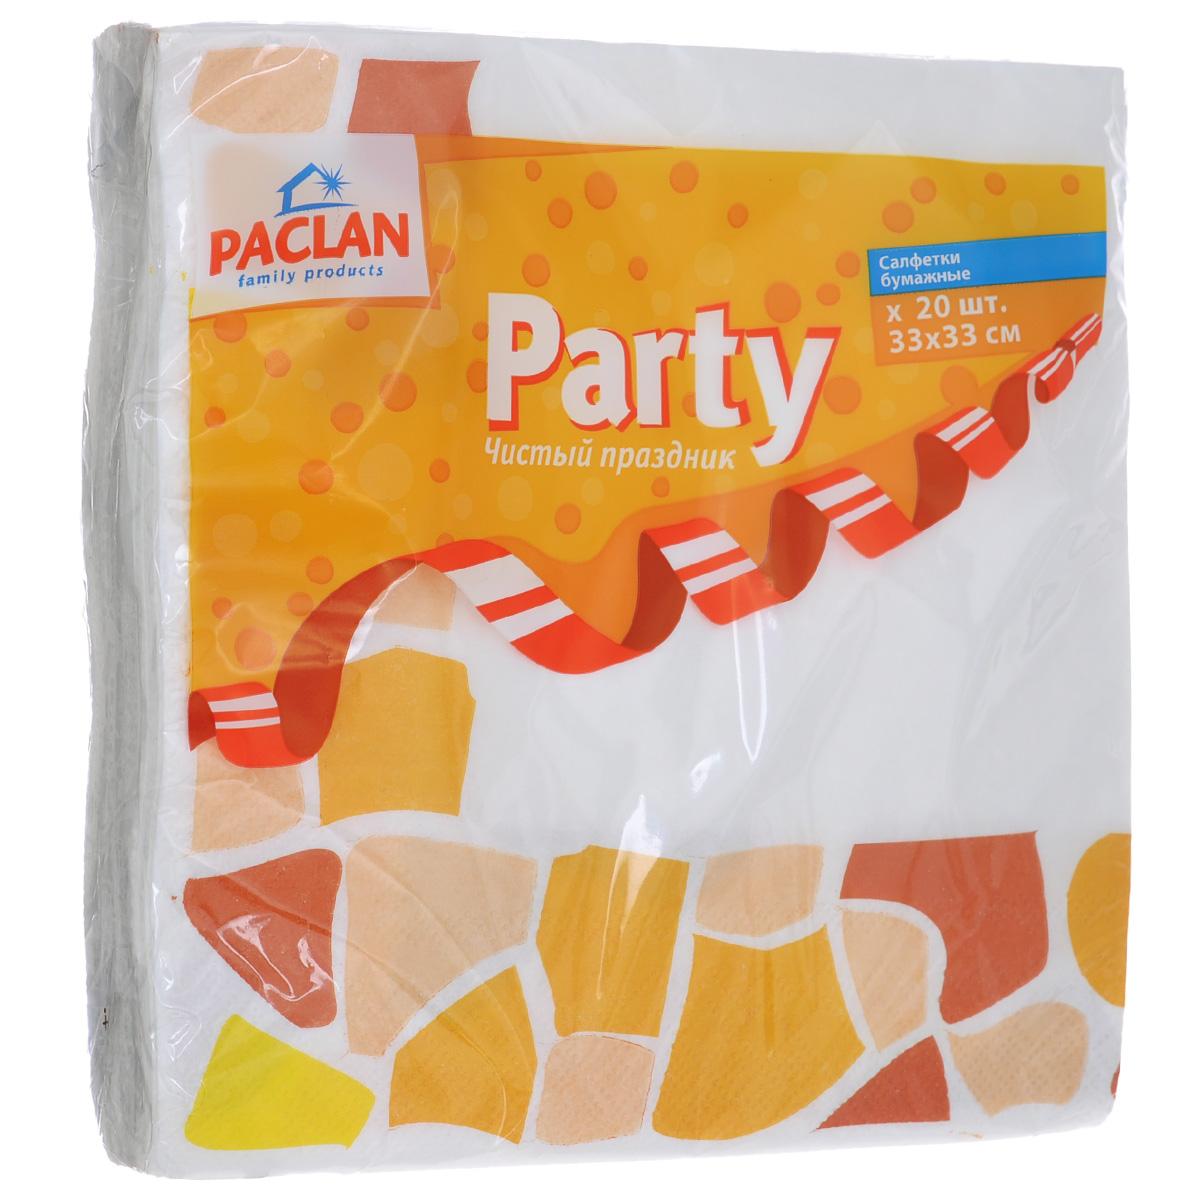 Салфетки бумажные Paclan Party, цвет: белый, желтый, трехслойные, 33 см х 33 см, 20 шт400117Трехслойные бумажные салфетки Paclan Party, выполненные из натуральной целлюлозы, станут отличным дополнением праздничного стола. Изделия декорированы красивым рисунком. Они отличаются необычной мягкостью и прочностью. Салфетки красиво оформят сервировку стола. Размер салфеток: 33 см х 33 см. Количество слоев: 3 слоя. Количество салфеток: 20 шт.